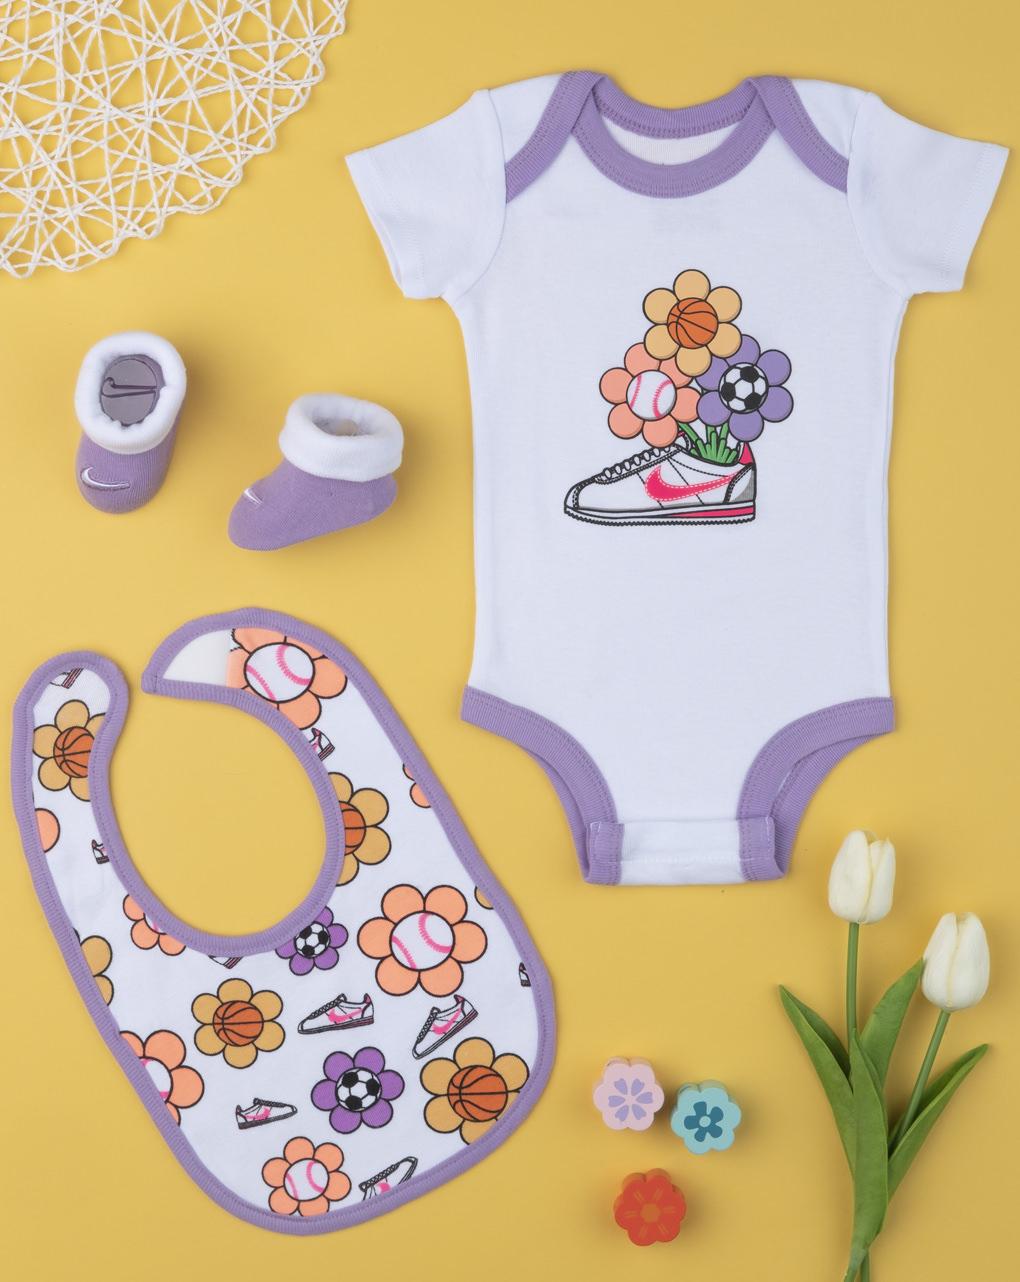 Σετ Nike Κορμάκι-Σαλιάρα-Καλτσάκια για Κορίτσι 6-12 μηνών